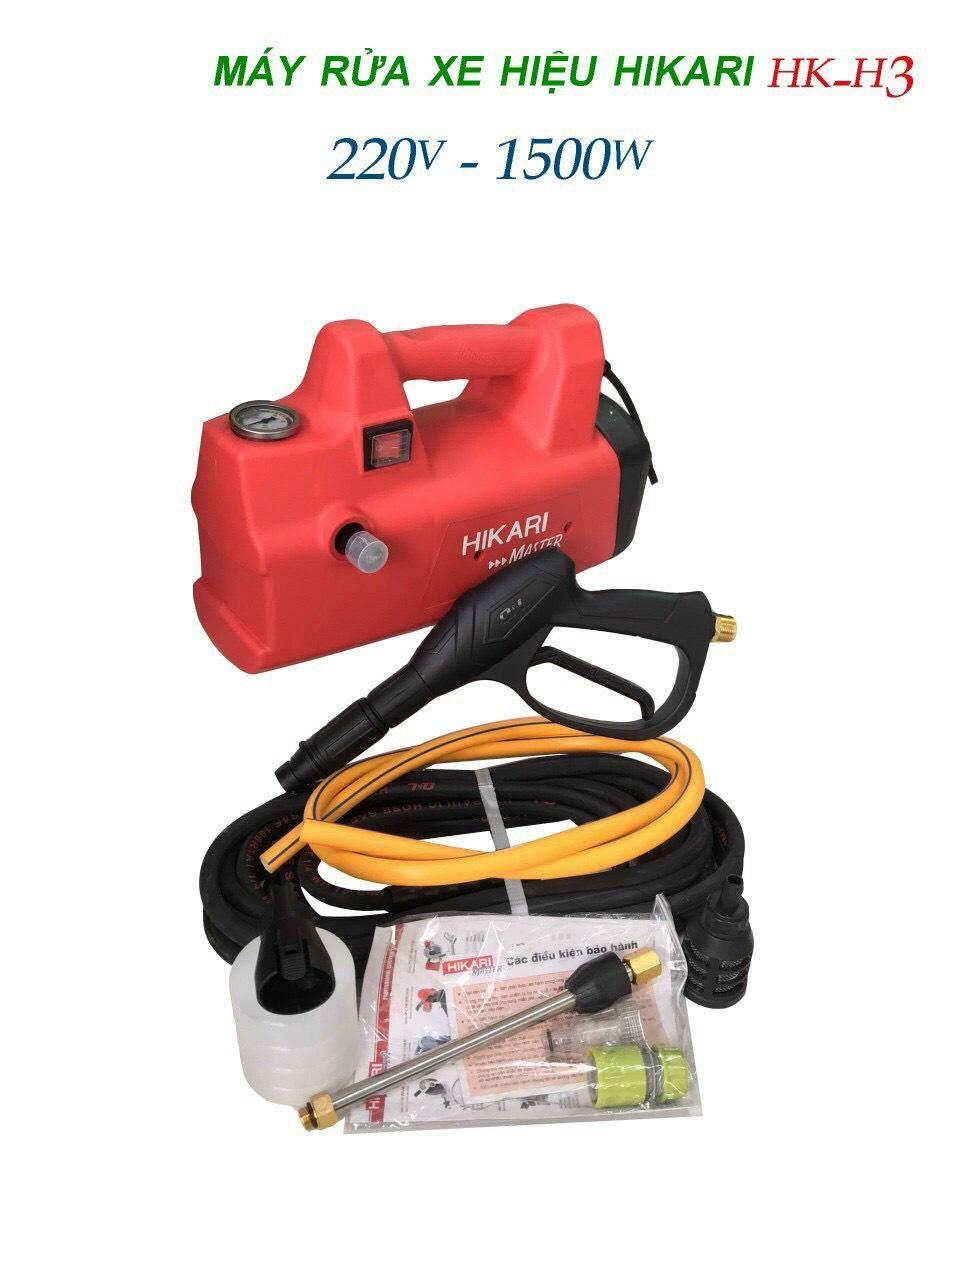 Máy rửa xe gia đình áp lực cao HIKARI HK-H3 220V 1500W